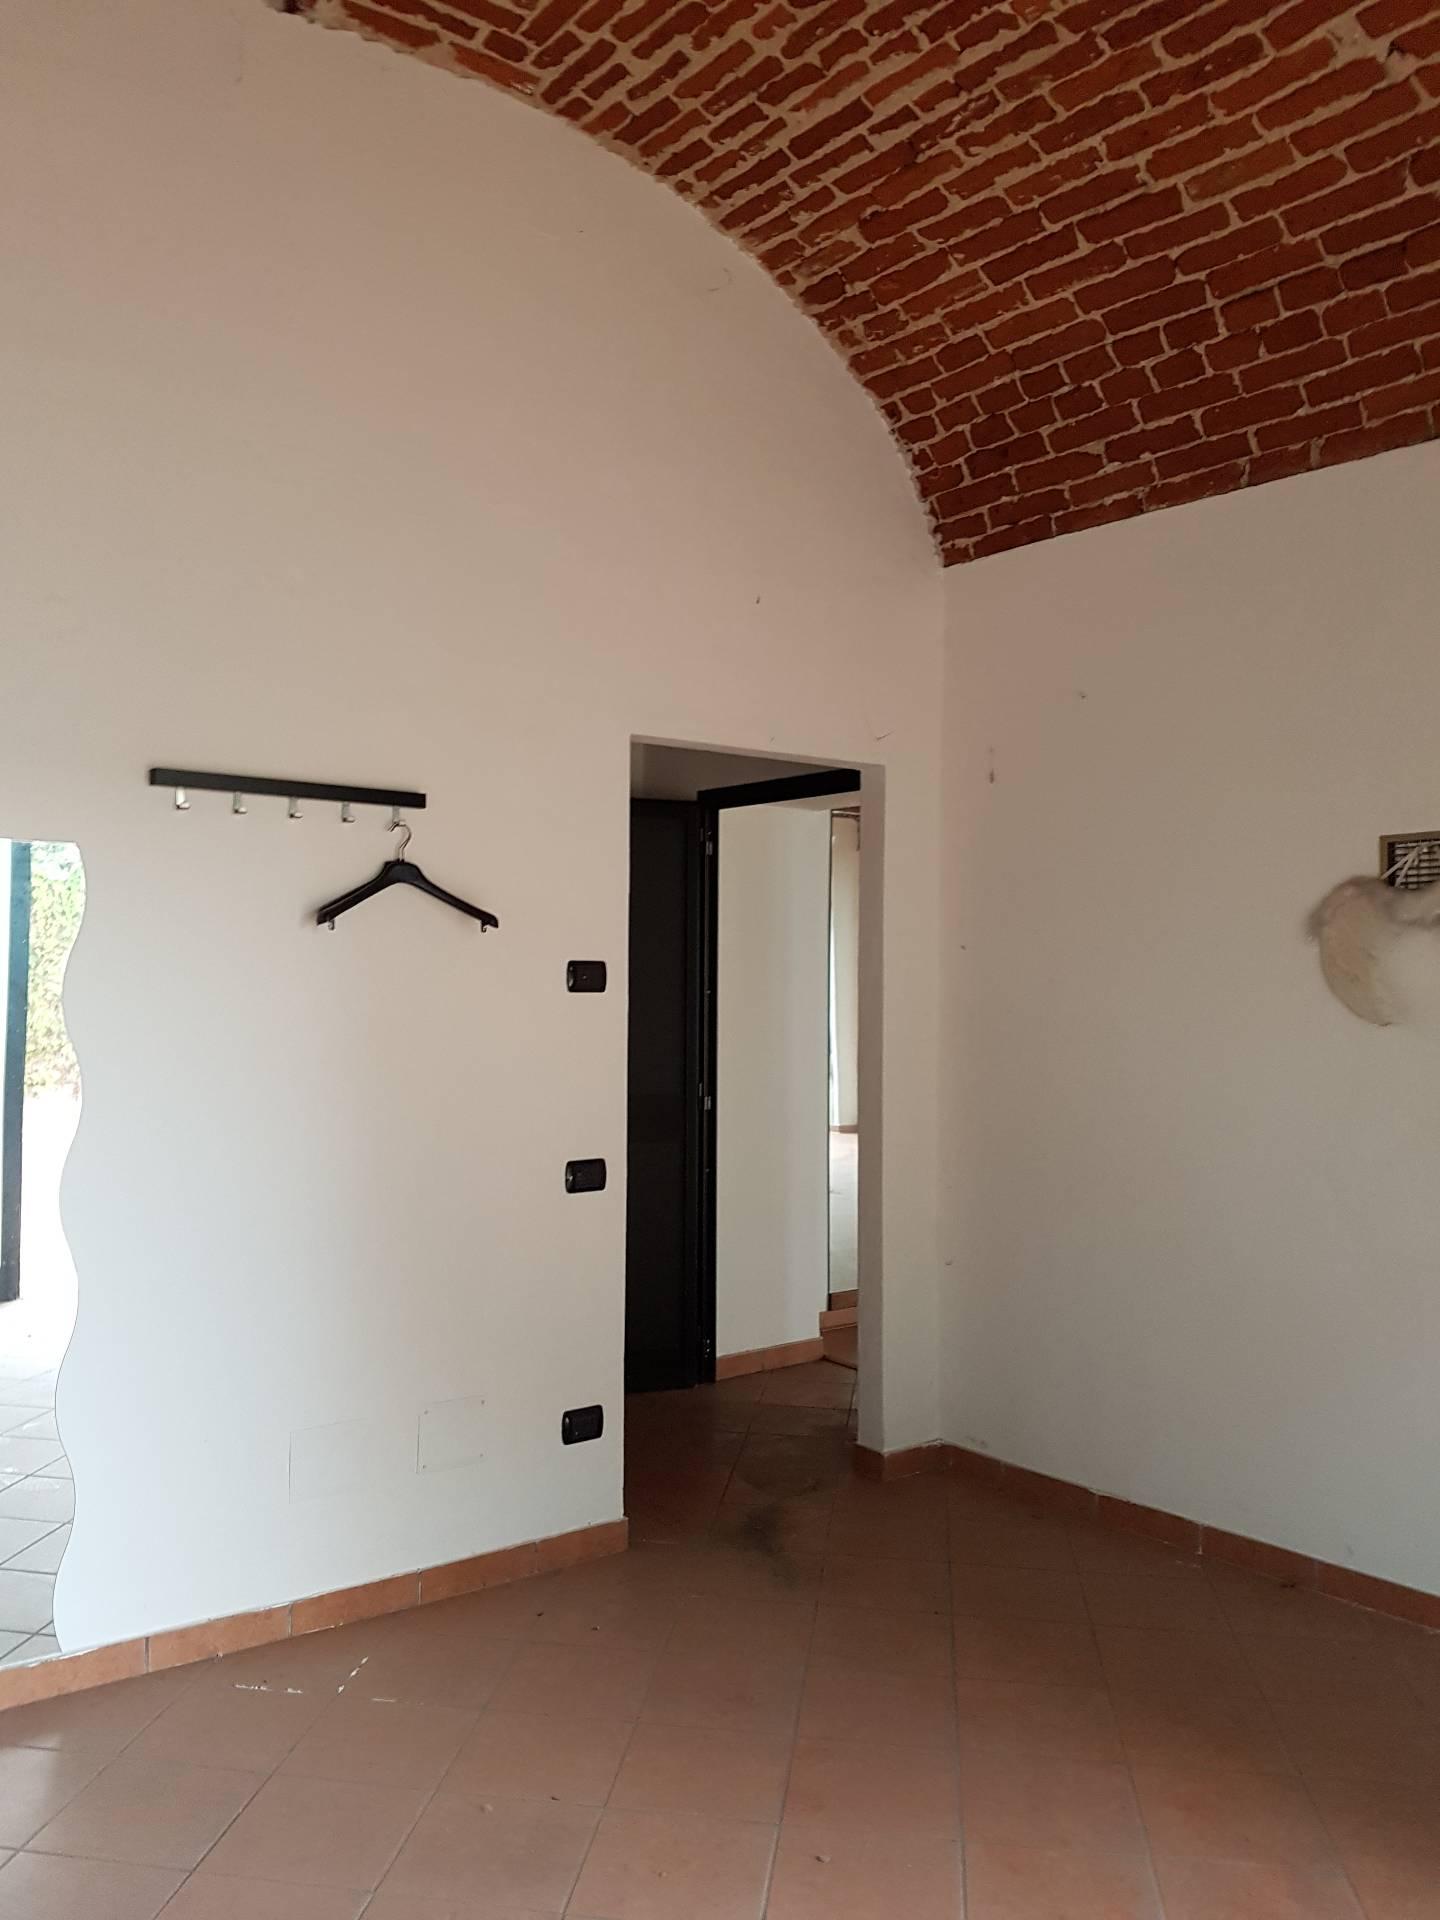 Negozio / Locale in vendita a Vercelli, 9999 locali, zona Zona: Periferia, prezzo € 59.000 | CambioCasa.it